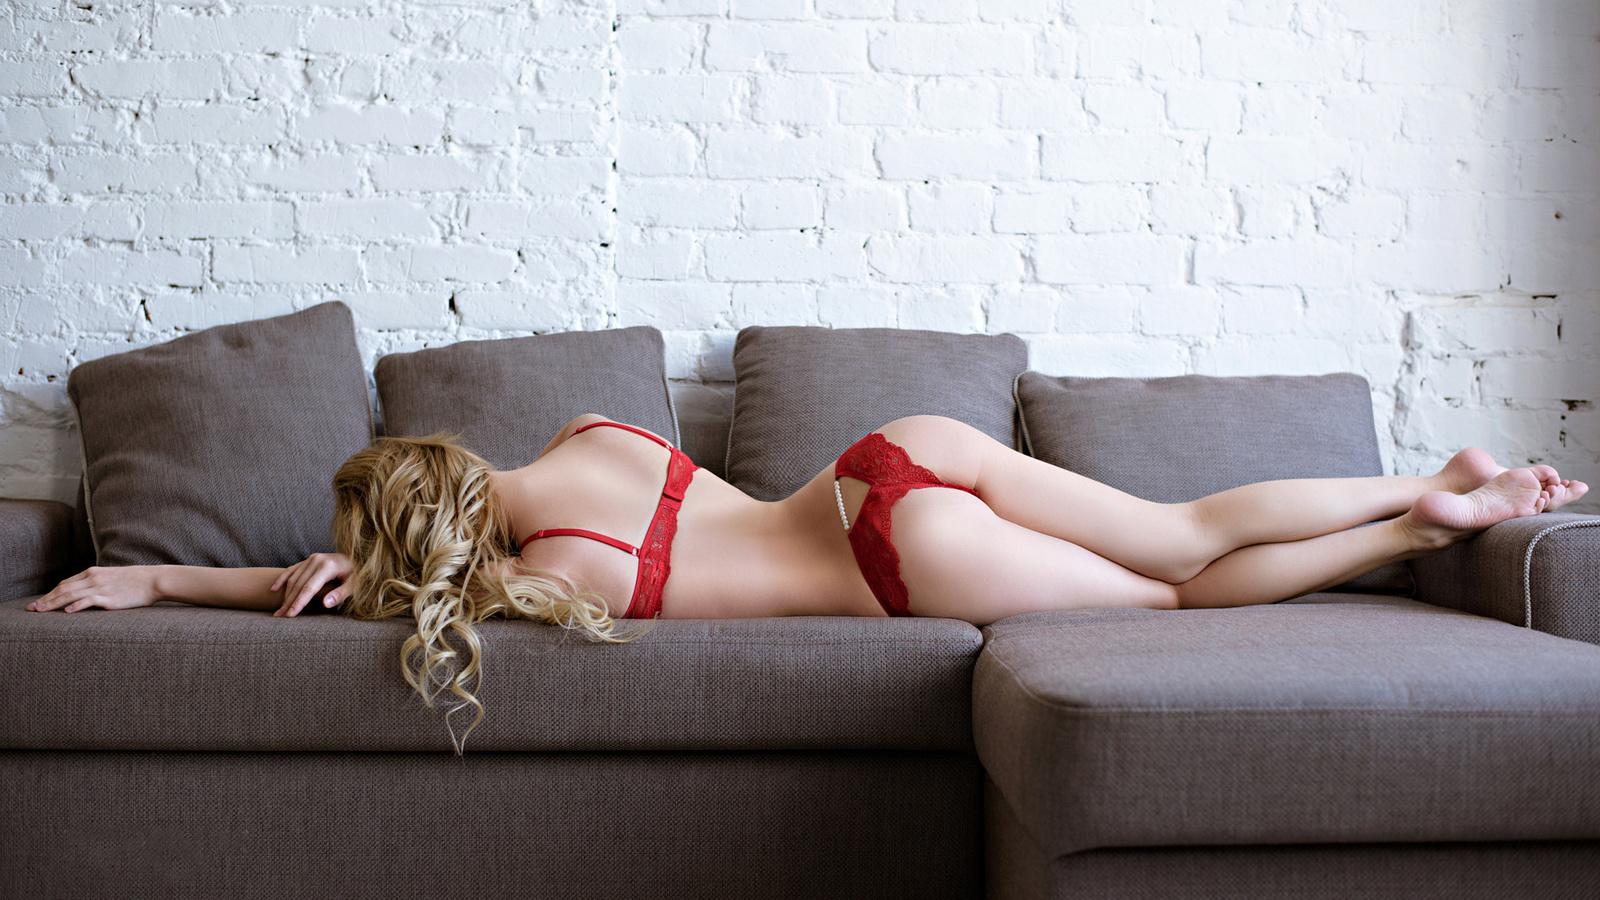 Фото девочка раздвинула попу, Девушки раздвигают попку частное фото - Частное секс 19 фотография